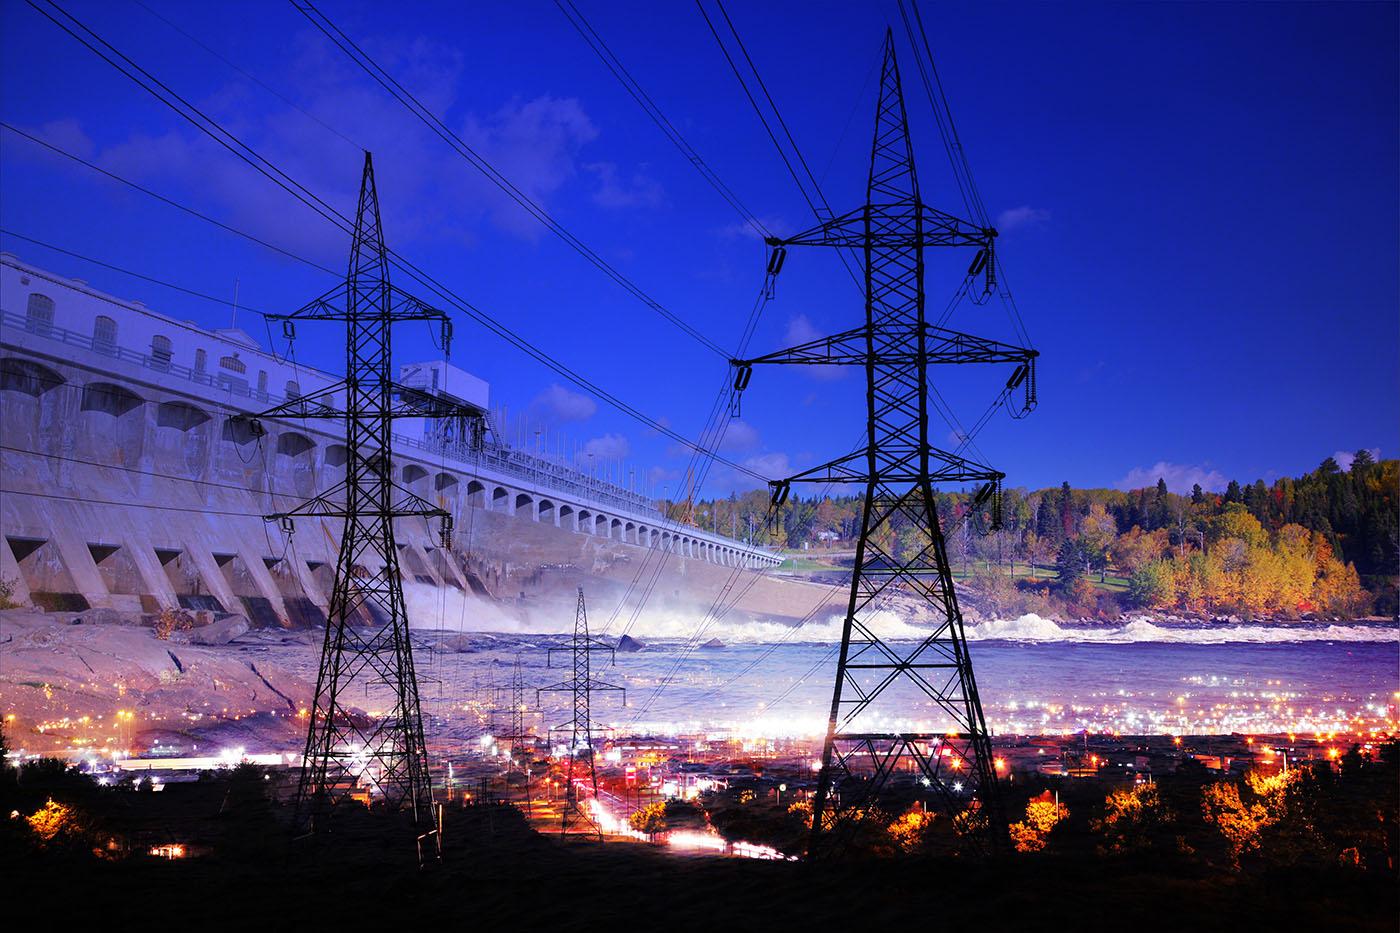 Barrage Electrique 01 - photo stock